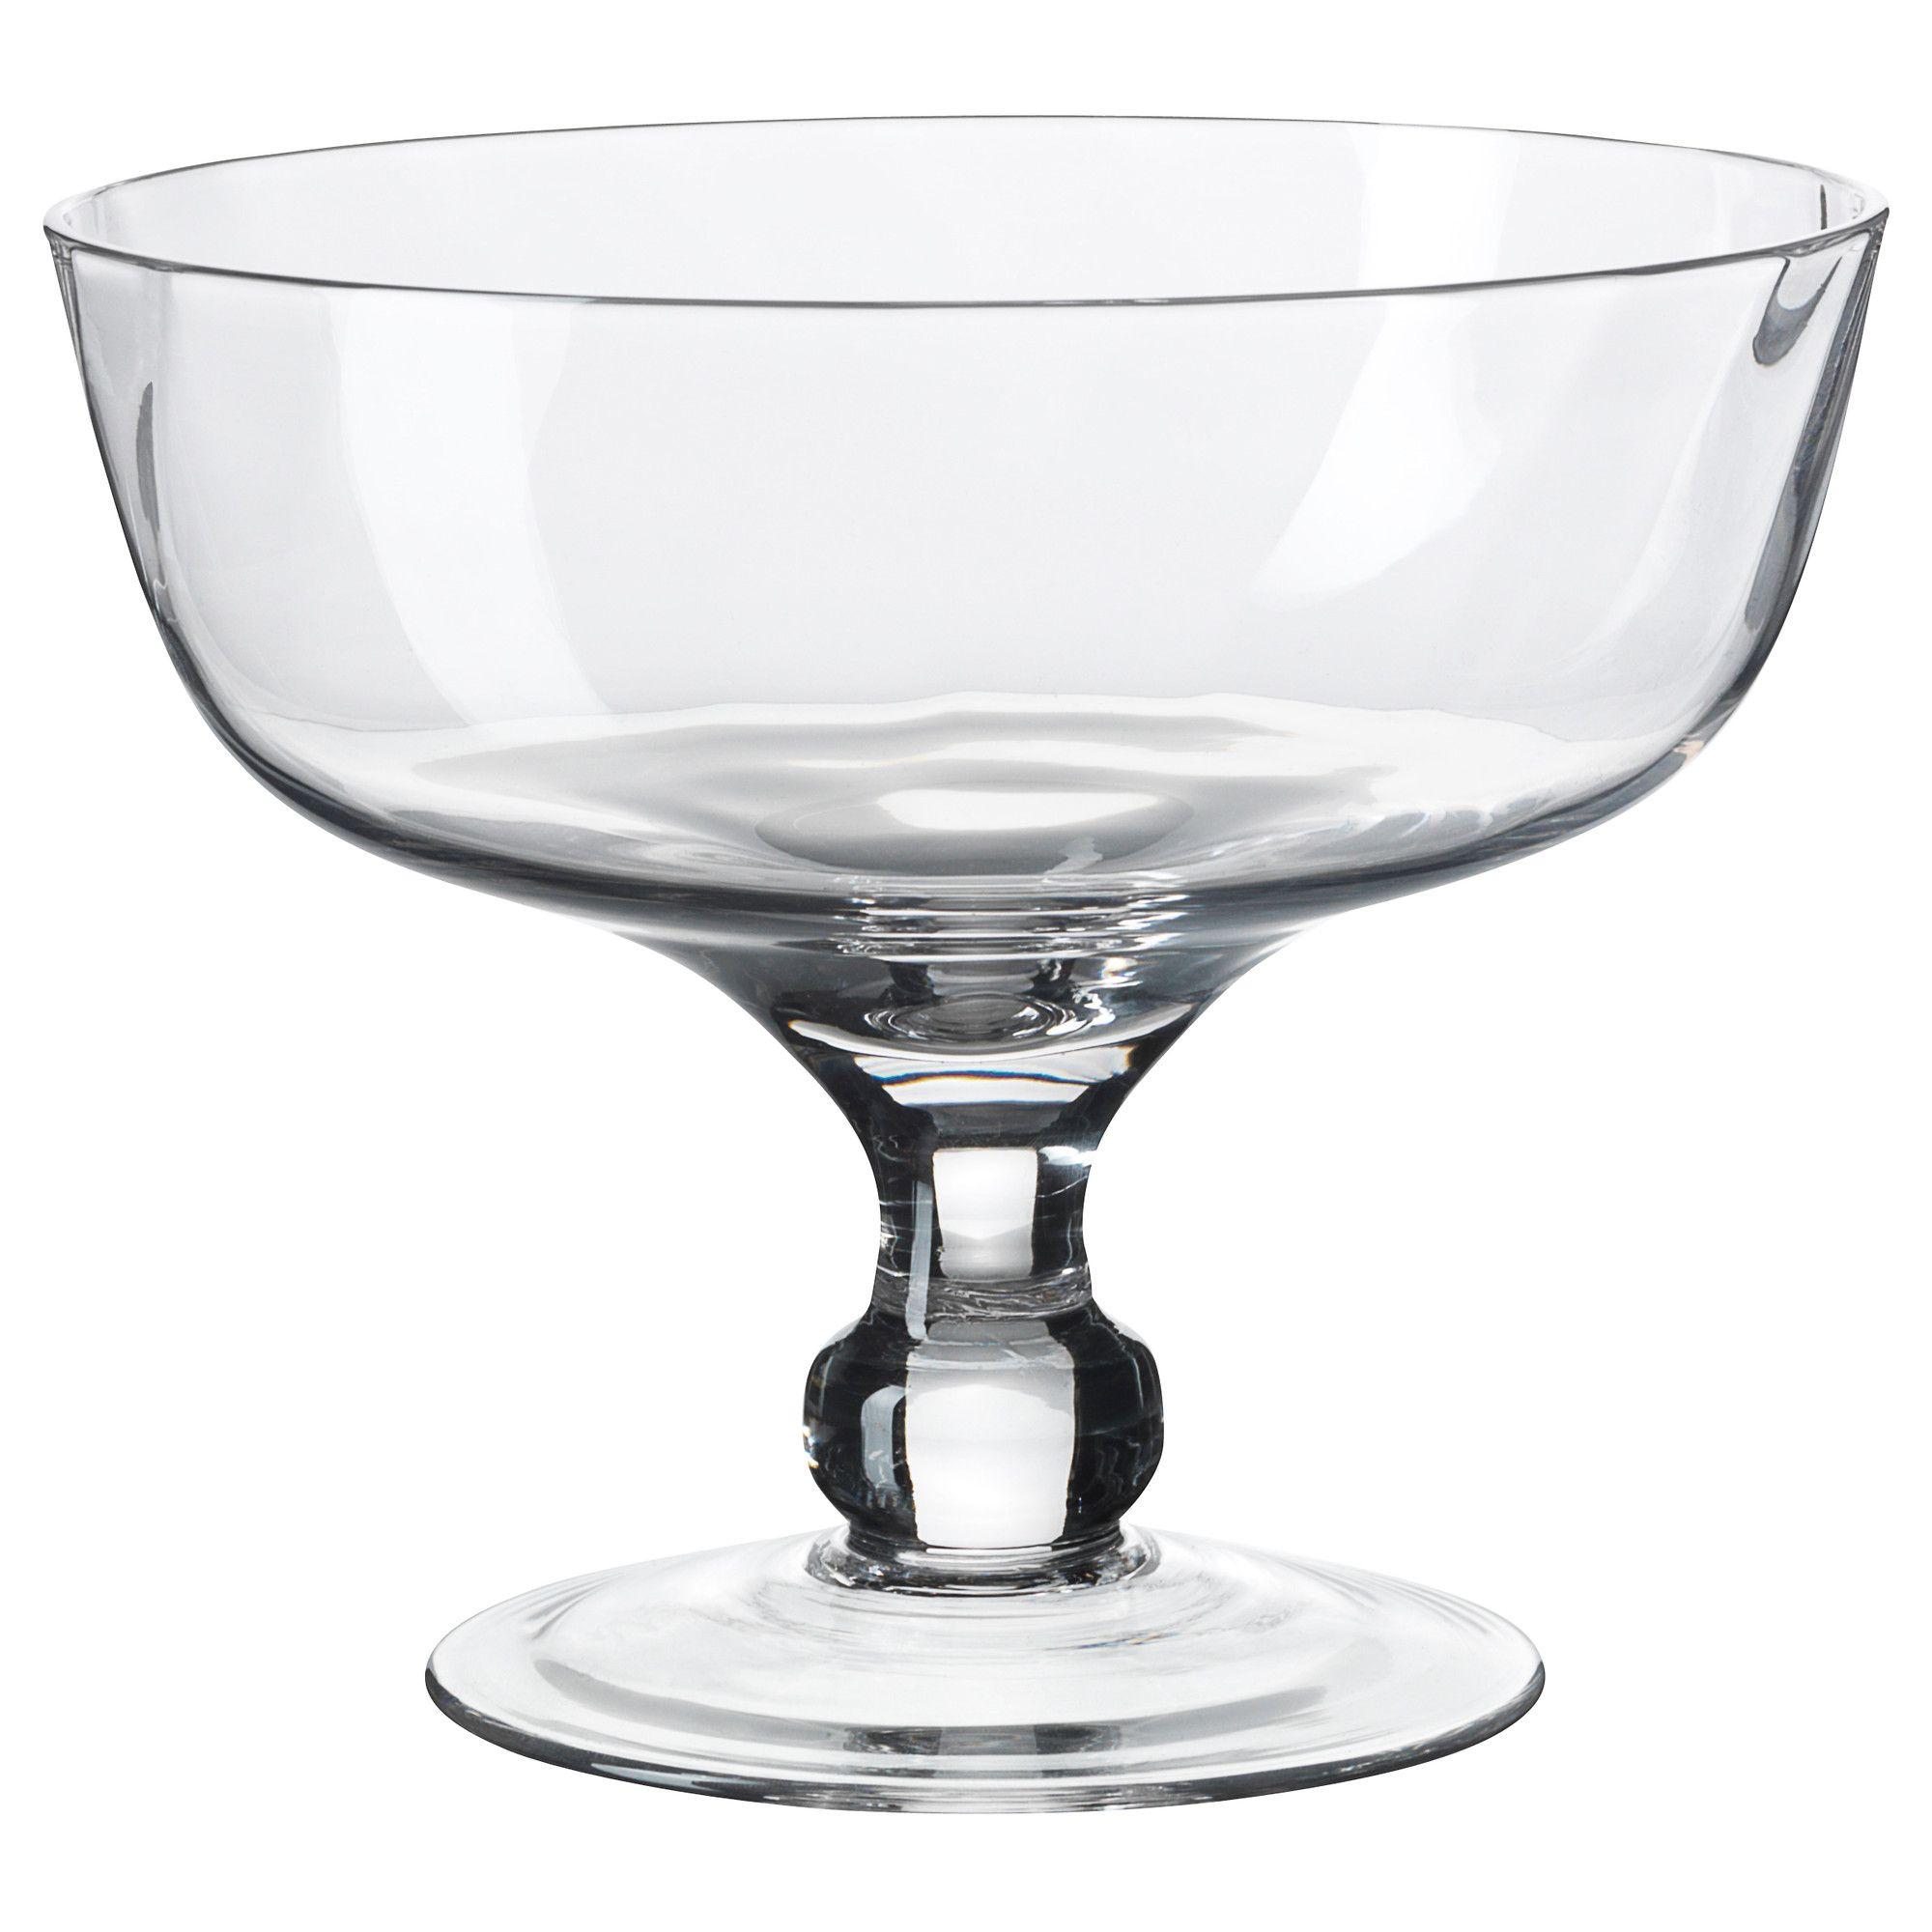 pour le buffet wedding fourniture diy et buffet france pinterest vaisselle table et ikea. Black Bedroom Furniture Sets. Home Design Ideas